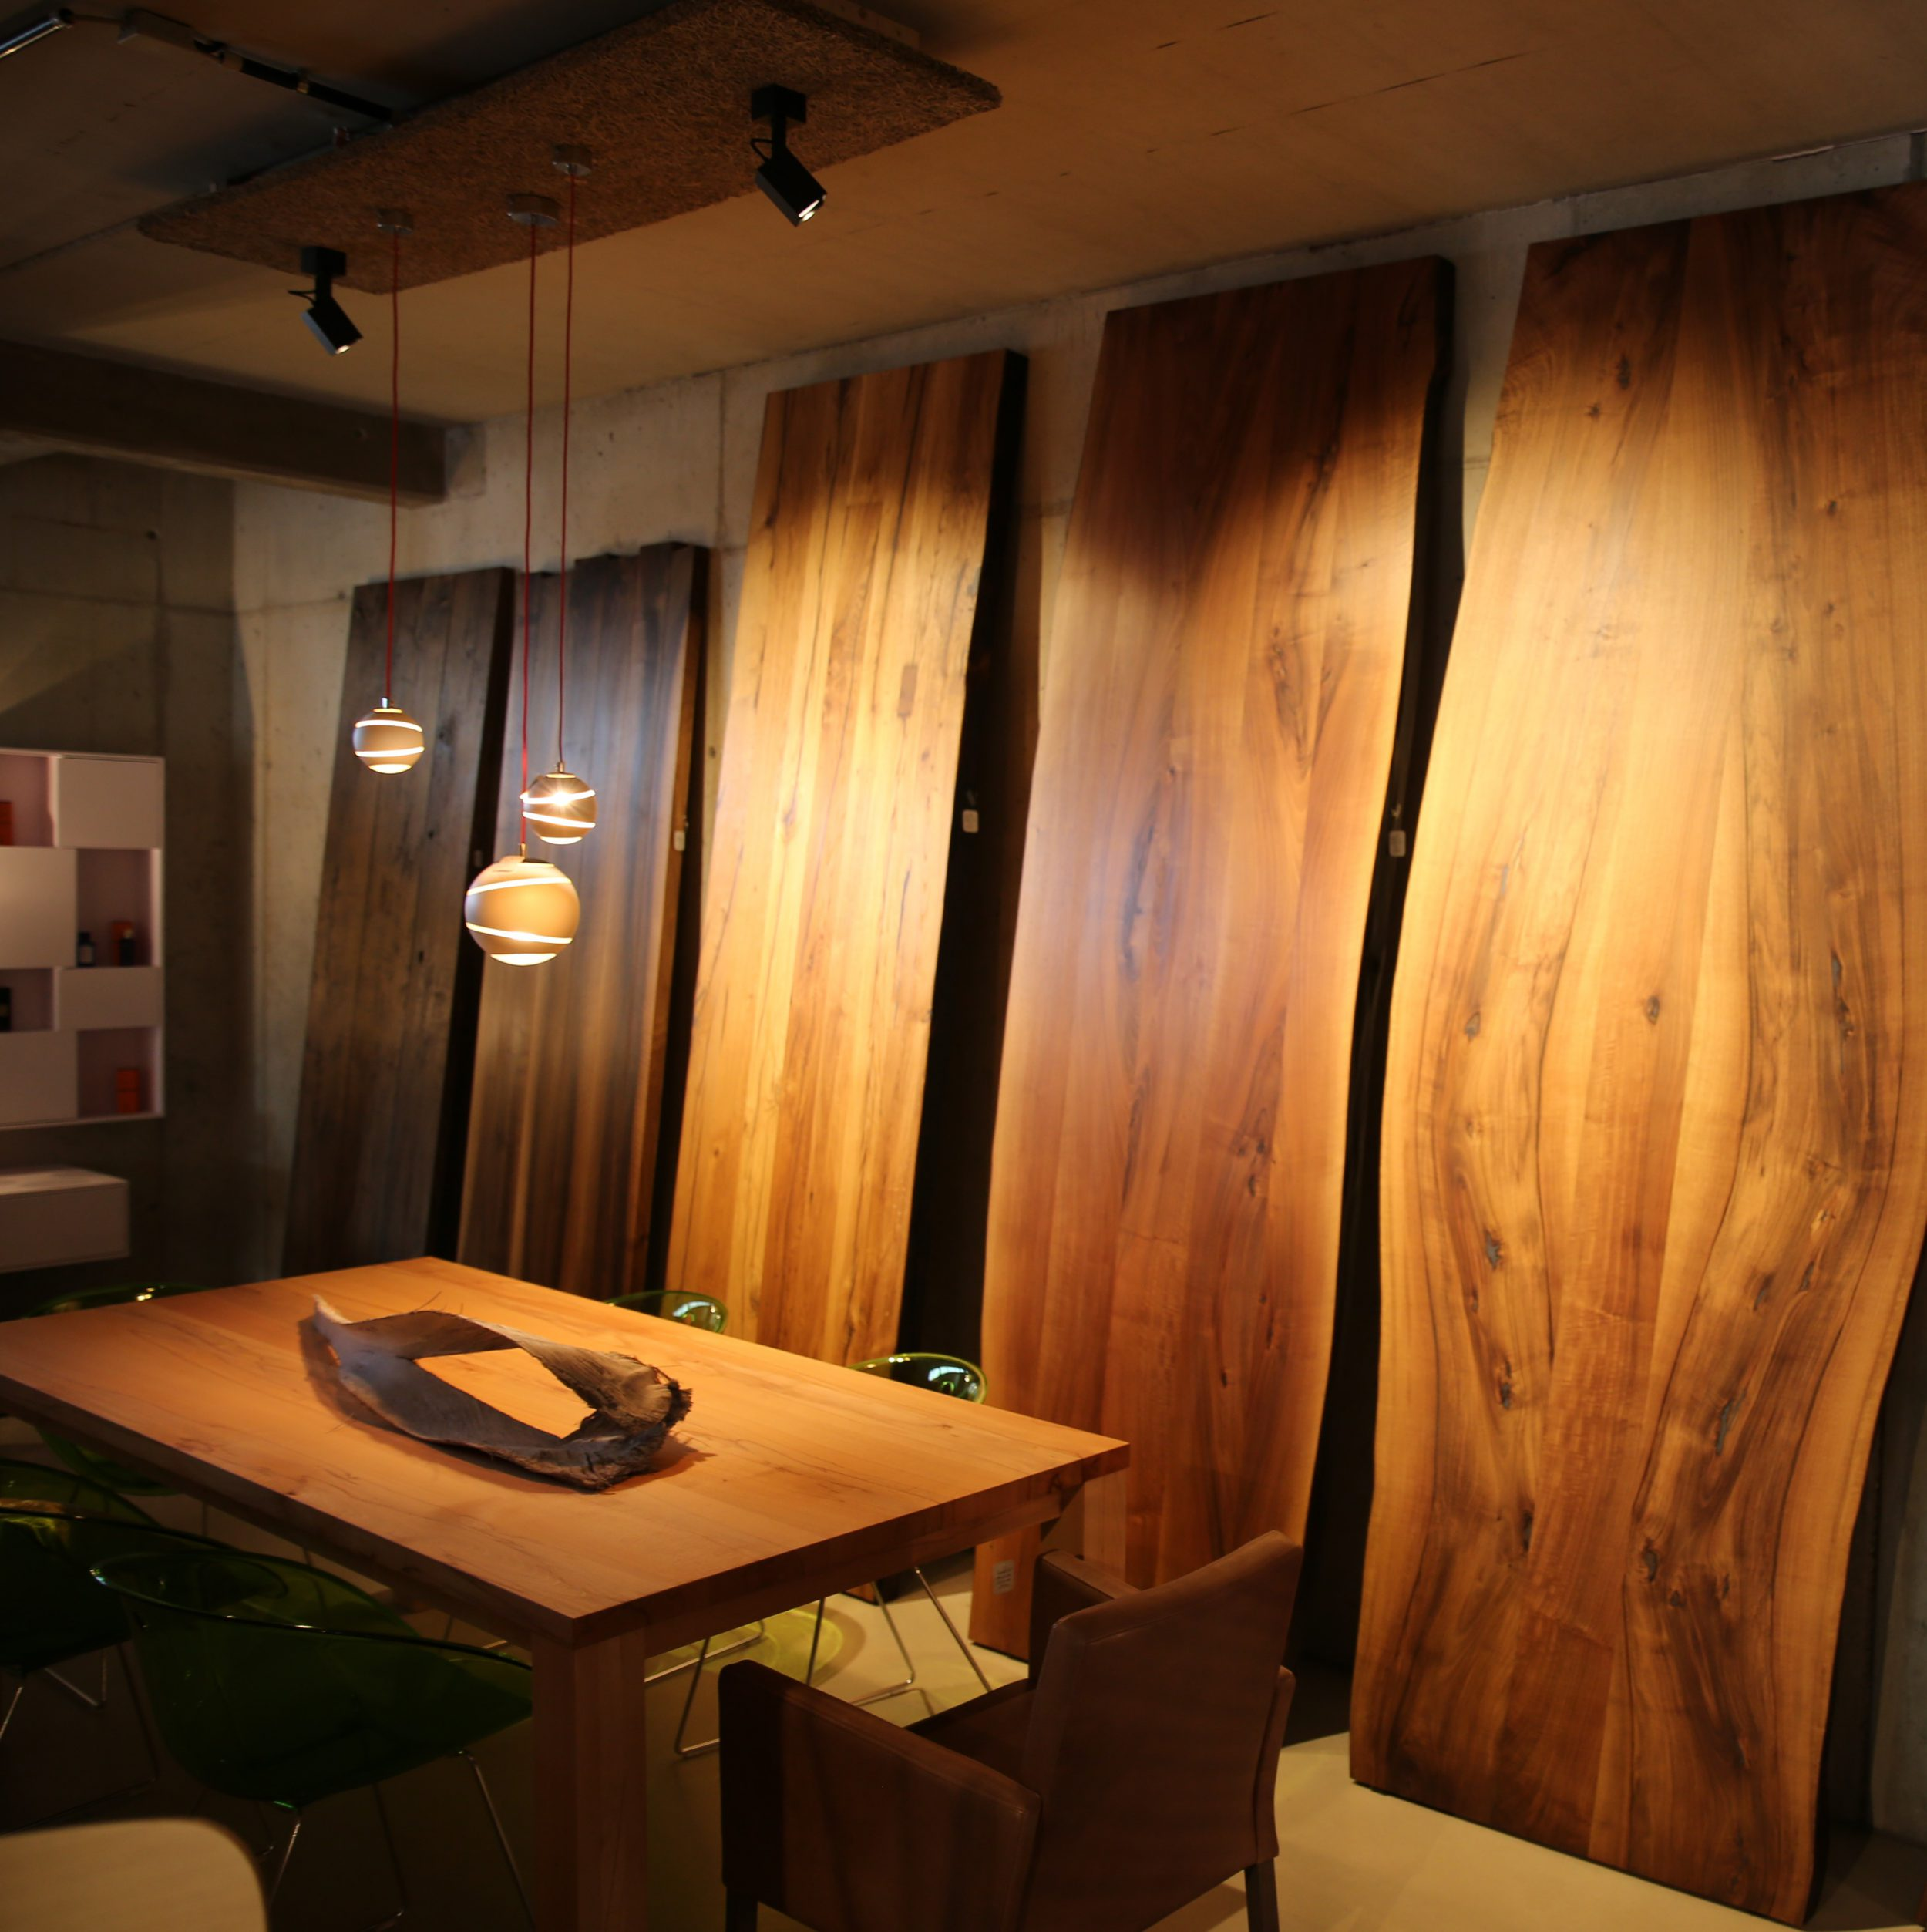 hochwertig verarbeitete Tischplatten aus Massivholz